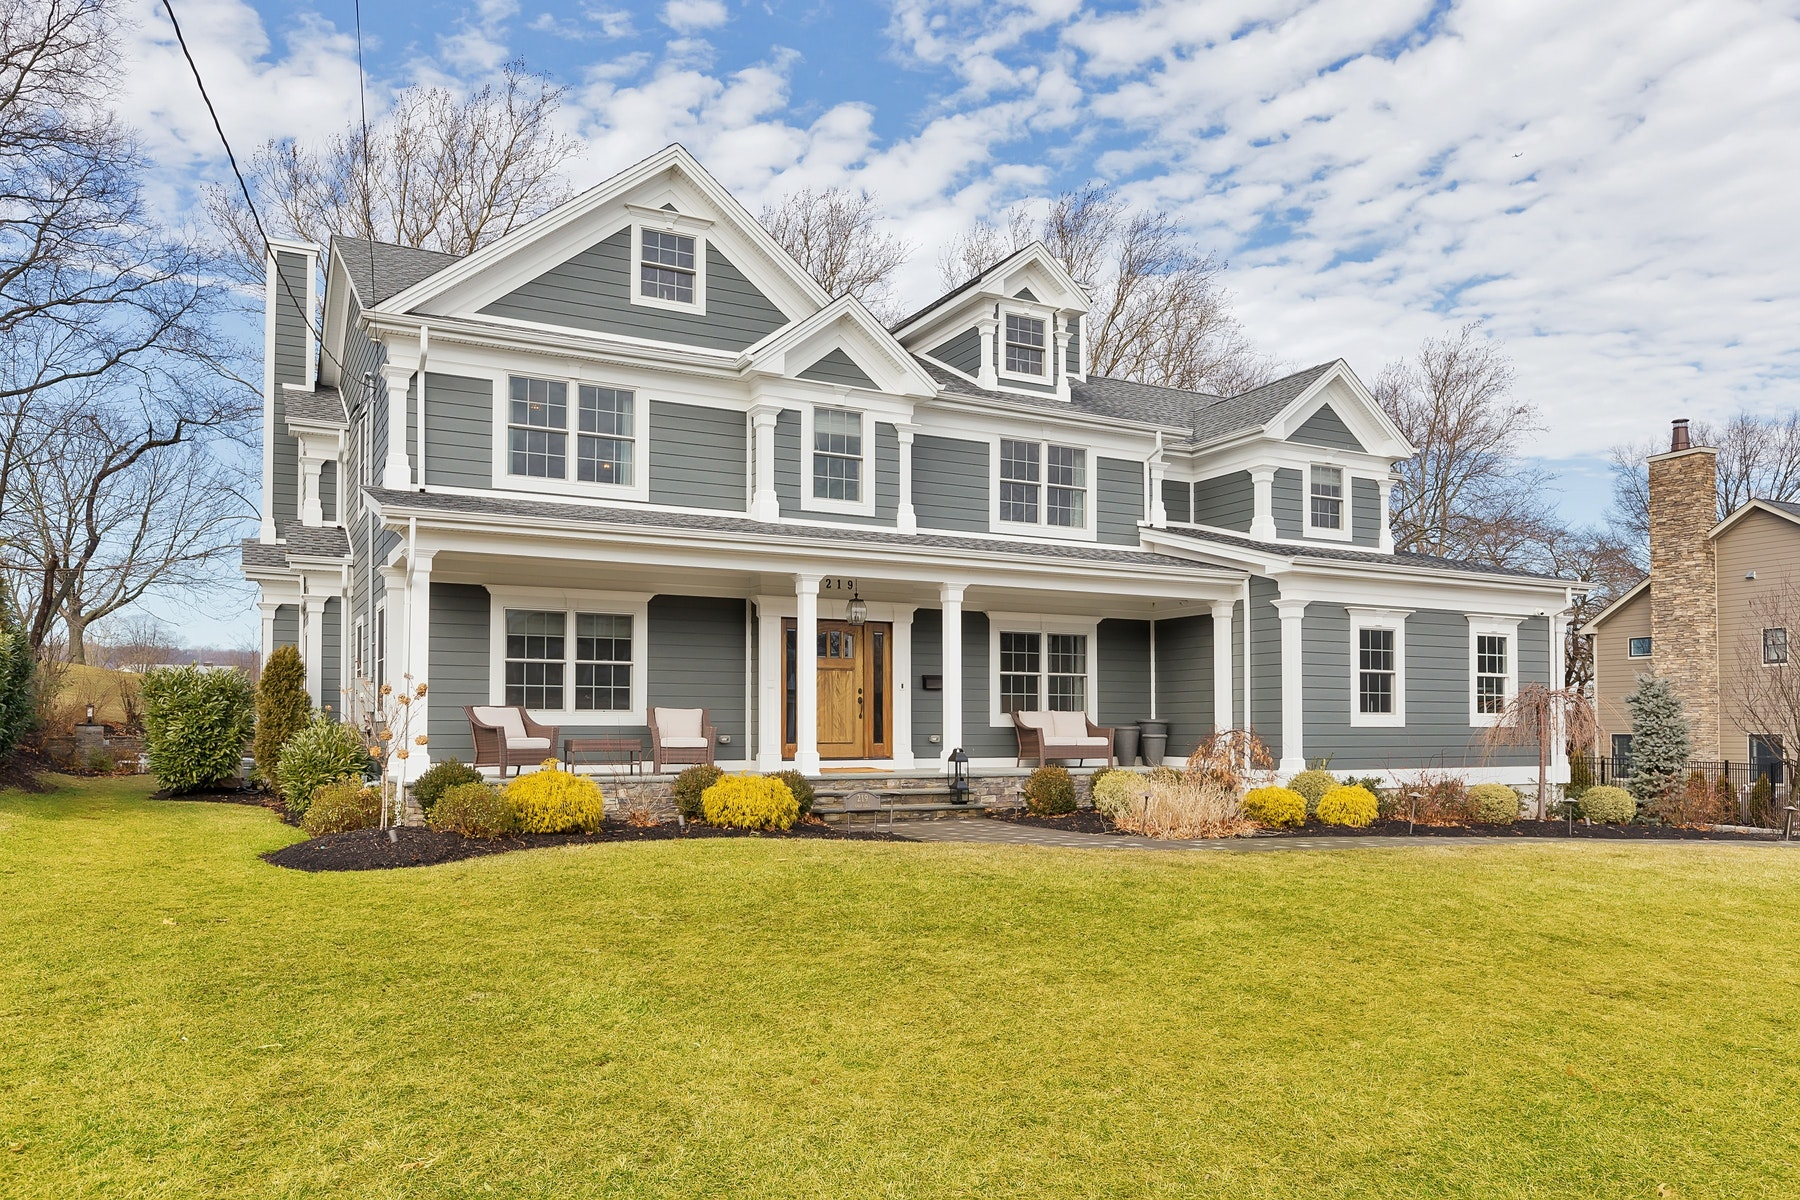 Частный односемейный дом для того Продажа на Live Golf Edge 219 Golf Edge, Westfield, Нью-Джерси 07090 Соединенные Штаты